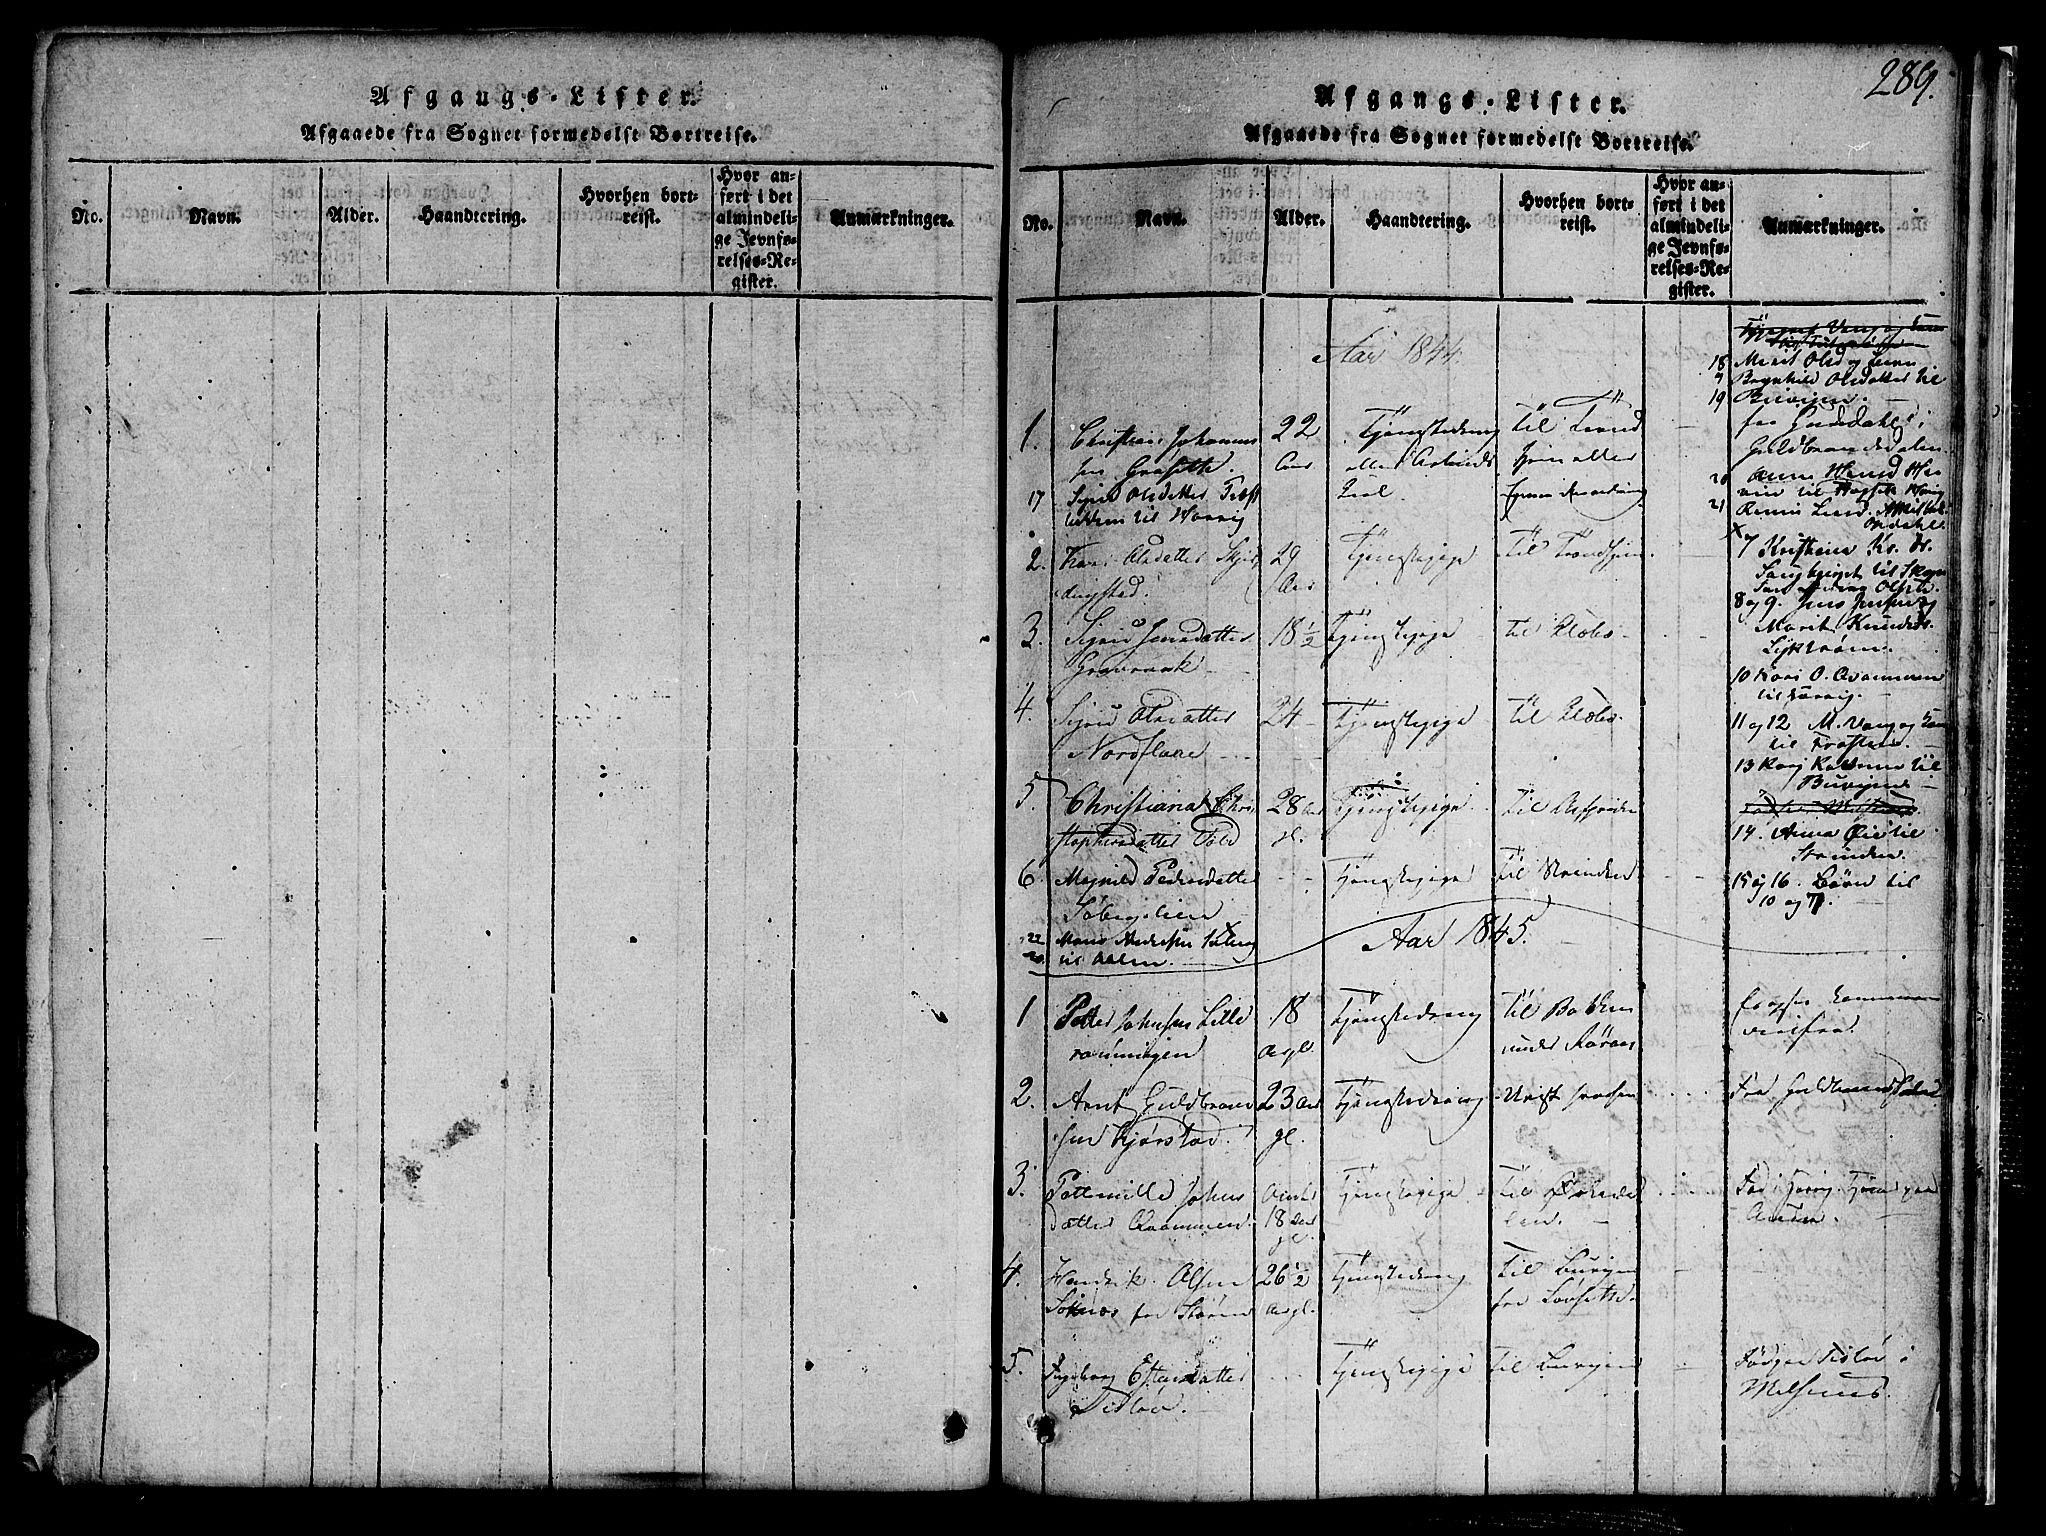 SAT, Ministerialprotokoller, klokkerbøker og fødselsregistre - Sør-Trøndelag, 691/L1092: Klokkerbok nr. 691C03, 1816-1852, s. 289